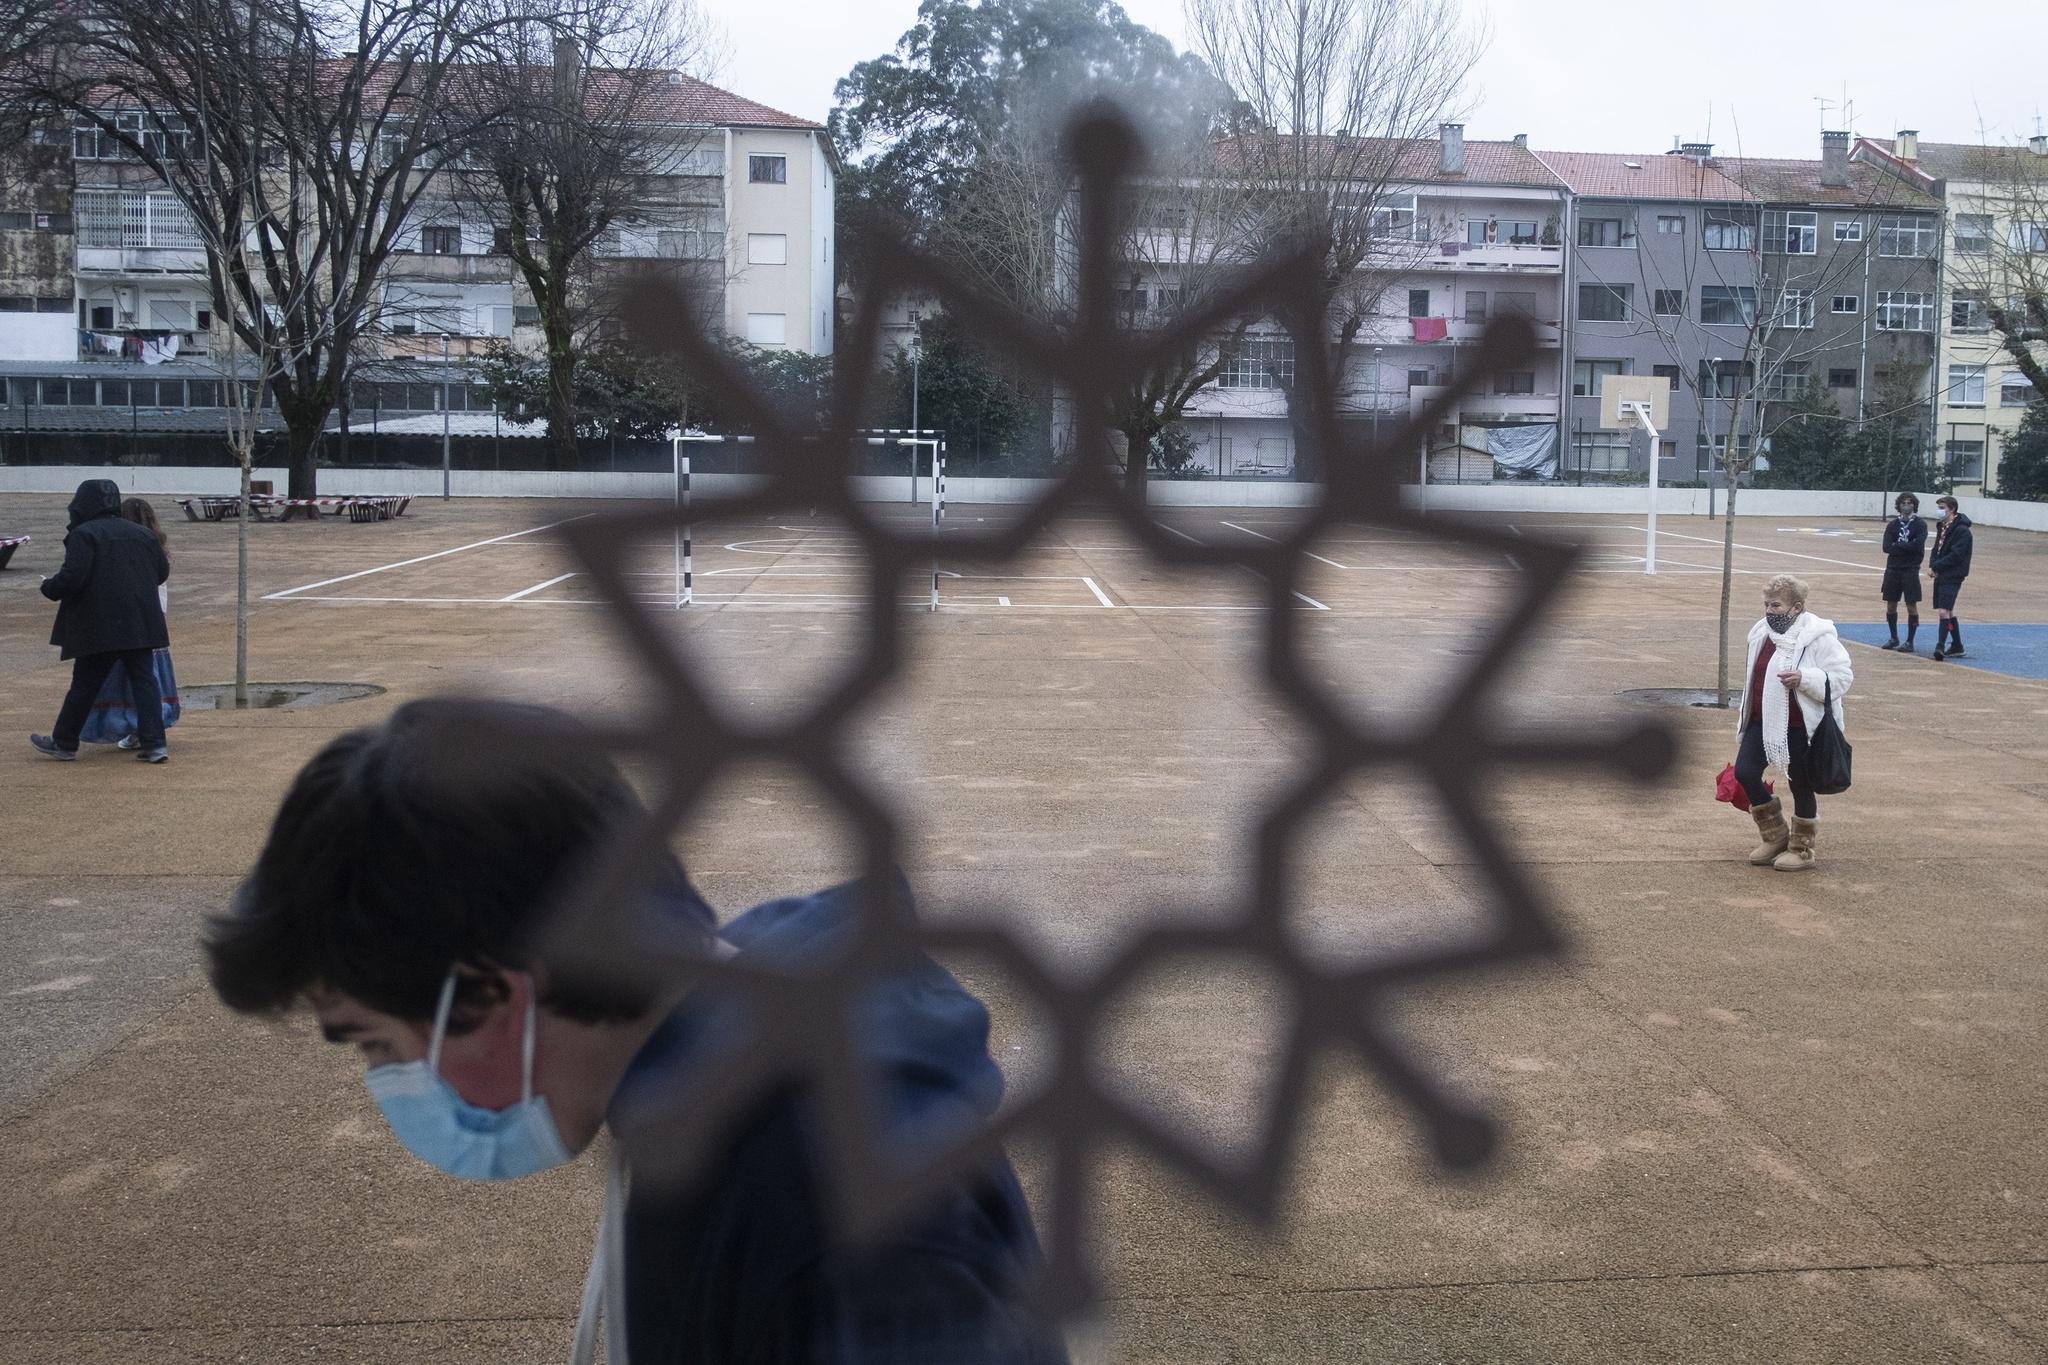 Escola Básica do 1.º Ciclo do Bom Sucesso, Porto